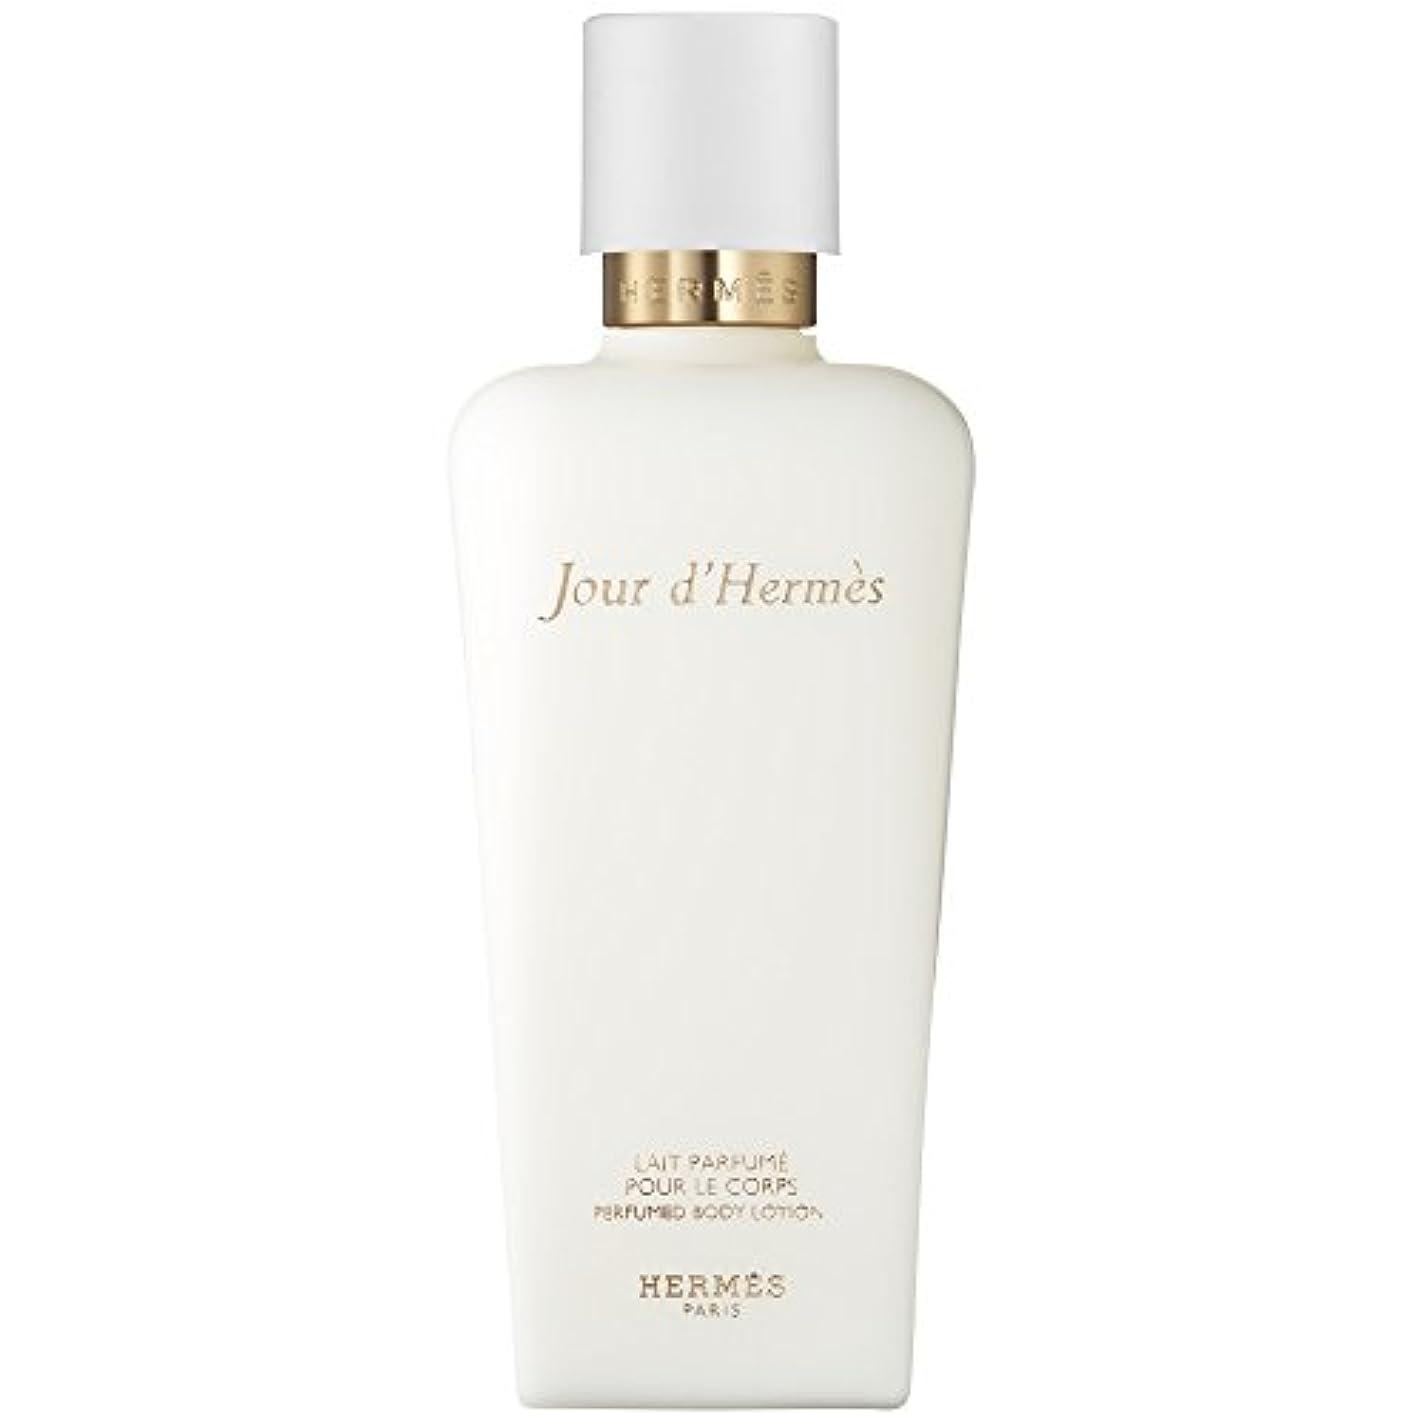 肯定的加入獲物エルメスJourのドールエルメス賦香ボディローション200ミリリットル (HERM?S) (x6) - HERM?S Jour d'Herm?s Perfumed Body Lotion 200ml (Pack of 6...